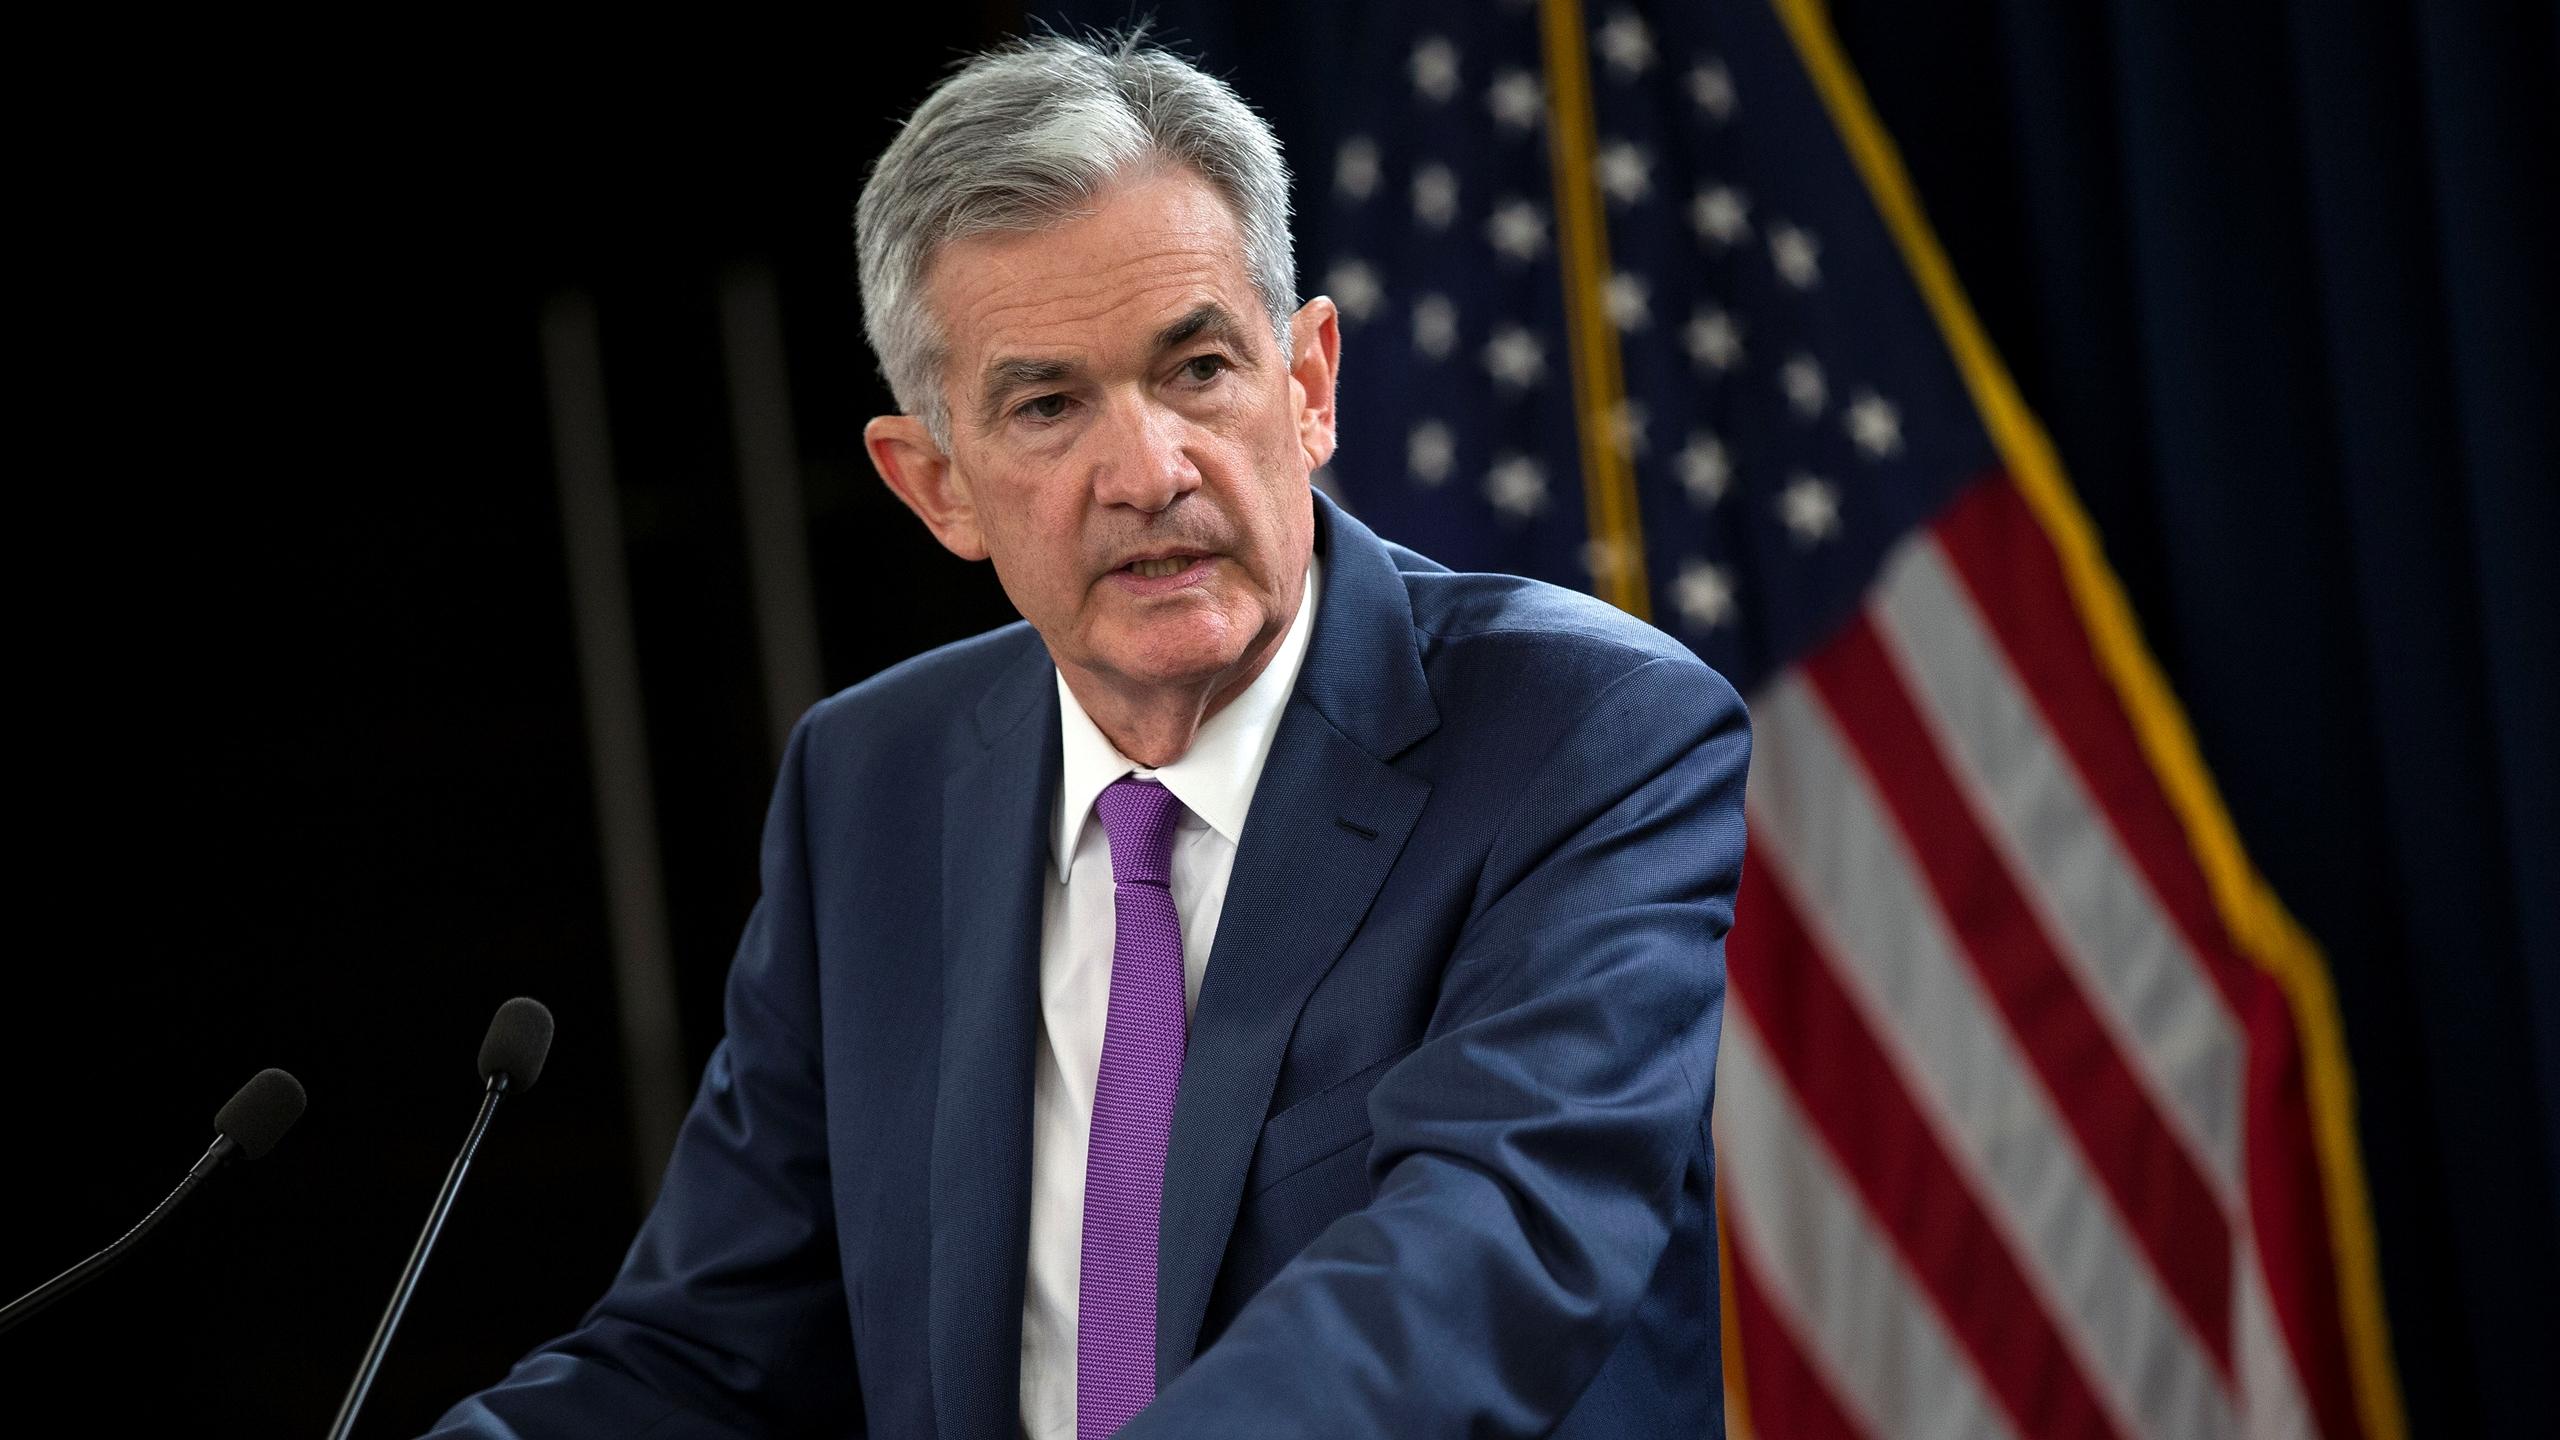 No hay 'prisa alguna' en ajustar las tasas de interés, dice presidente de la Fed